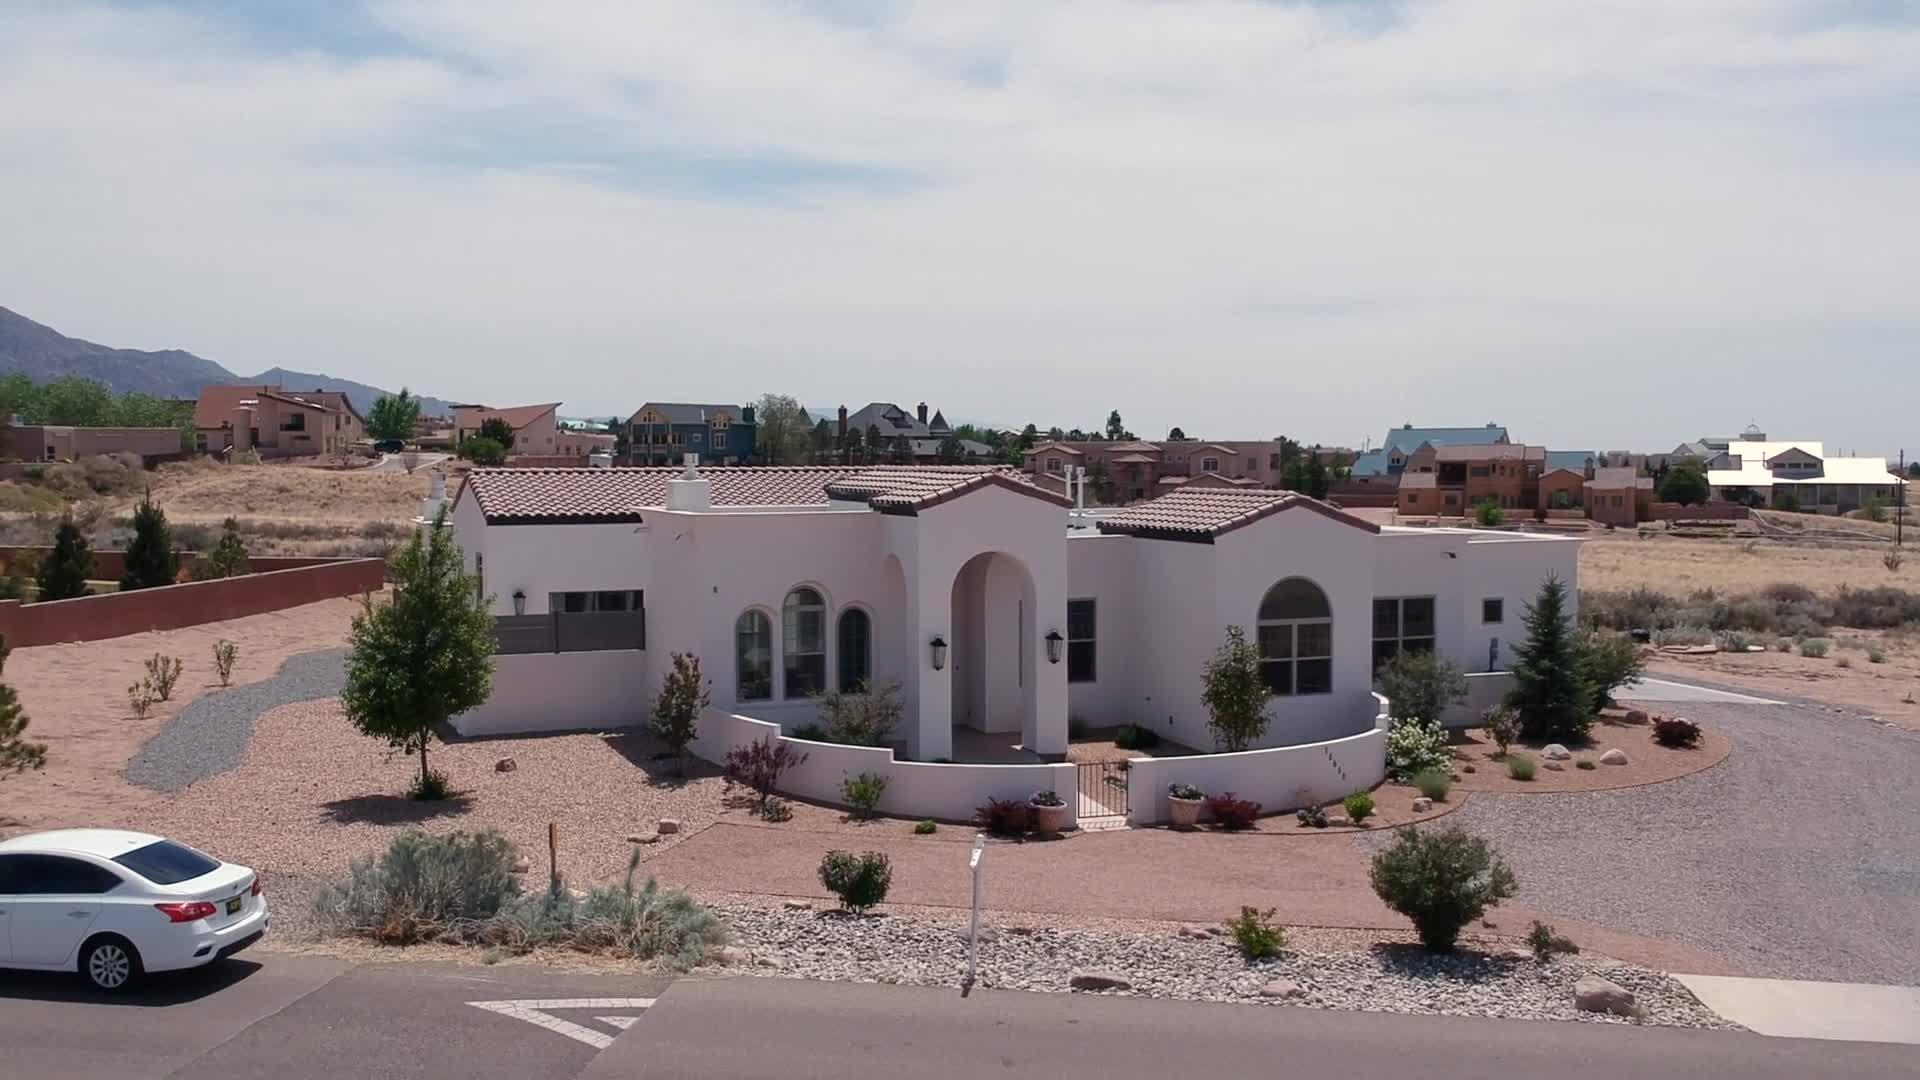 Albuquerque__750K_House_0_20180503181234-846653543